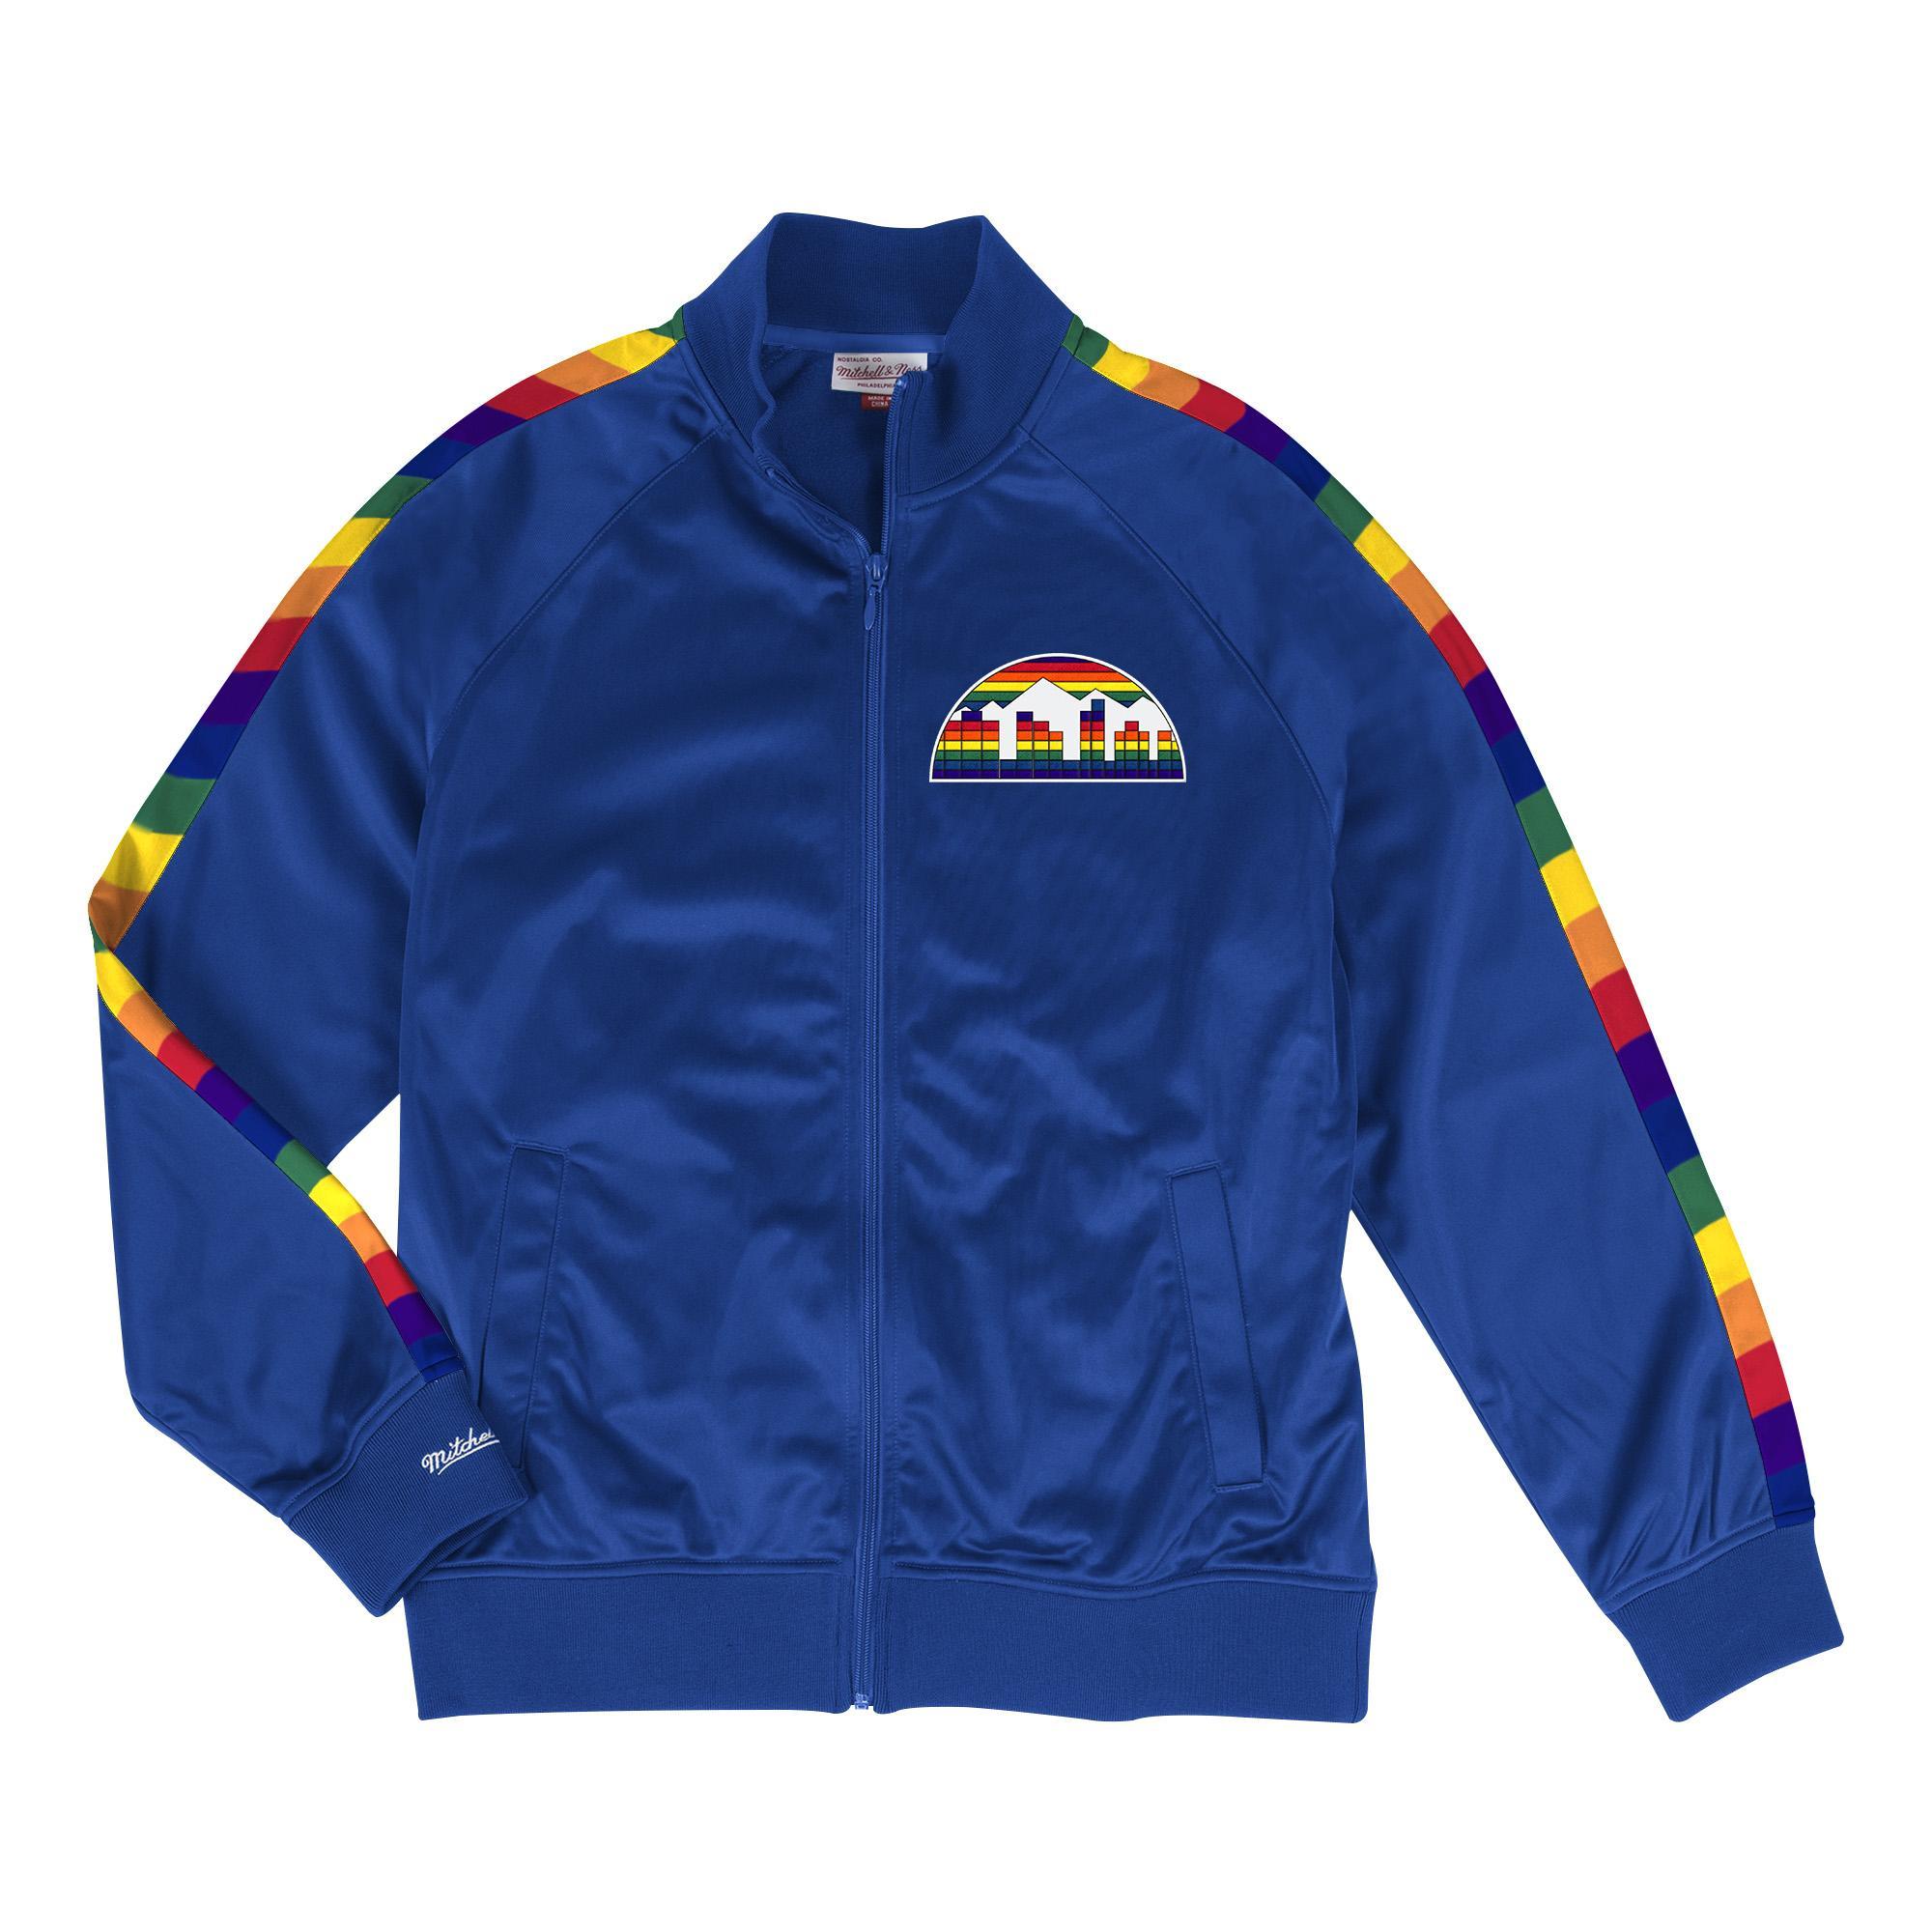 09be63752ec NBA Track Jacket Denver Nuggets